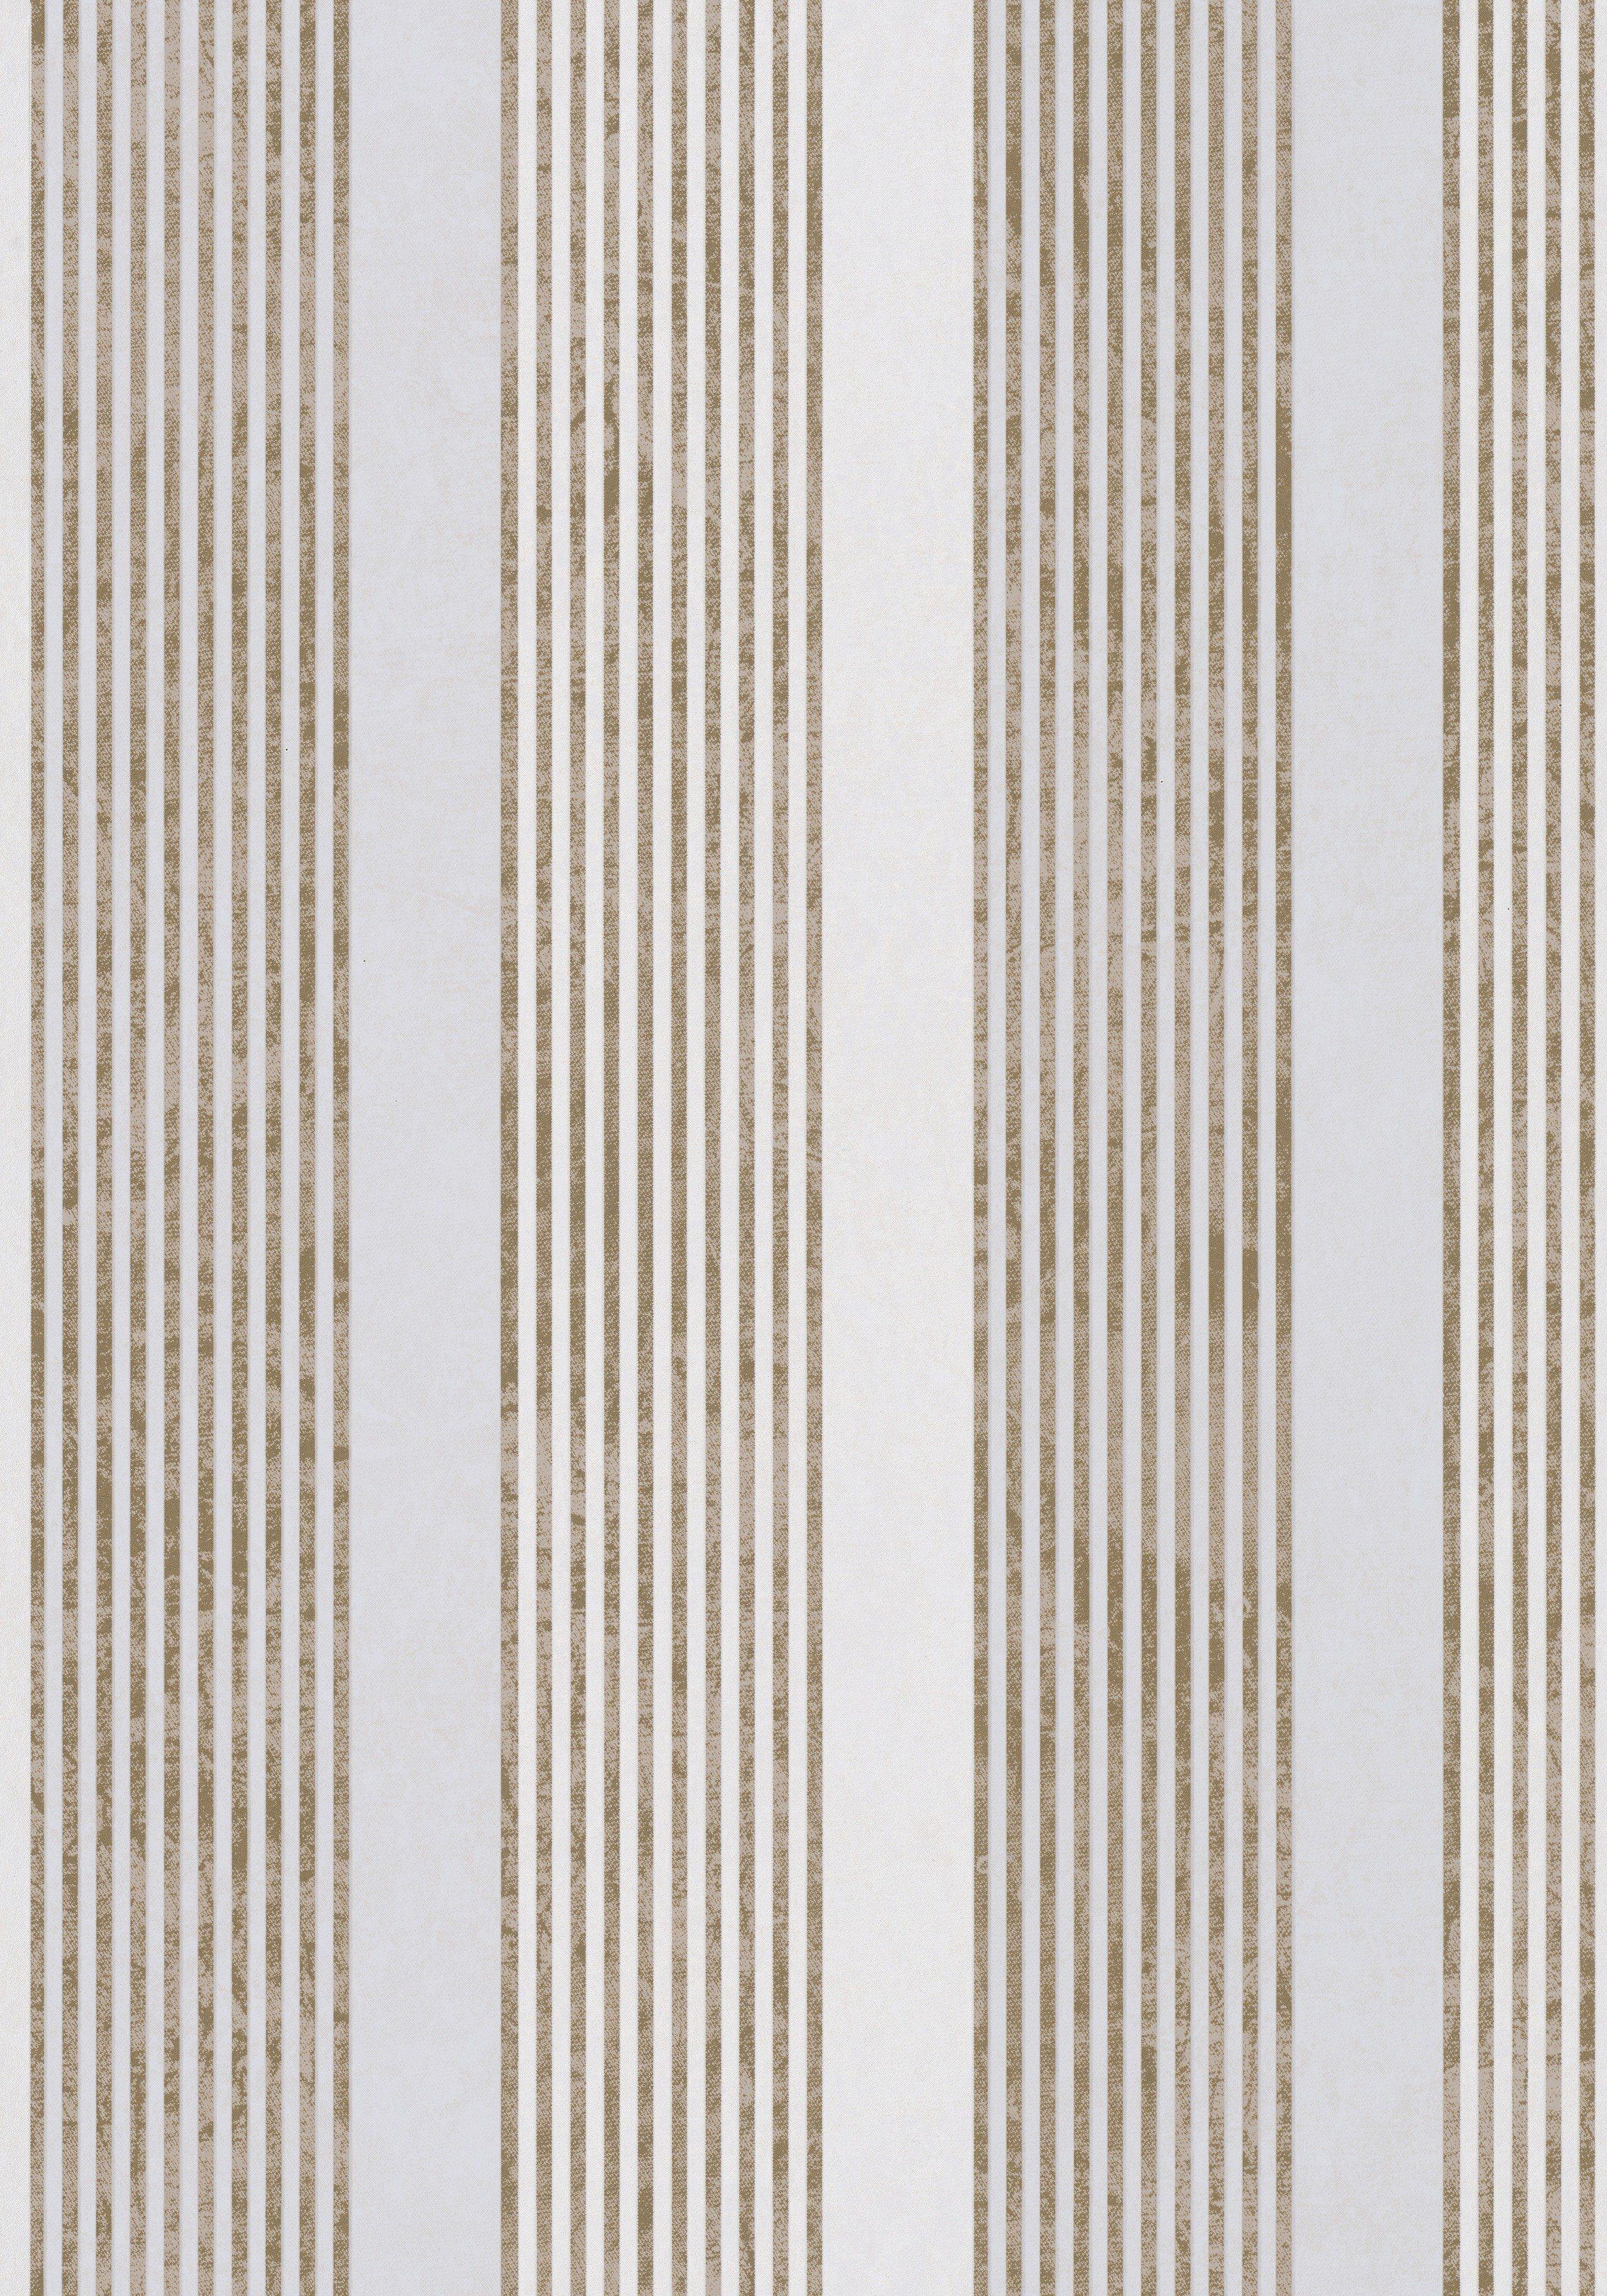 Vliestapete»Streifen«, goldfarben